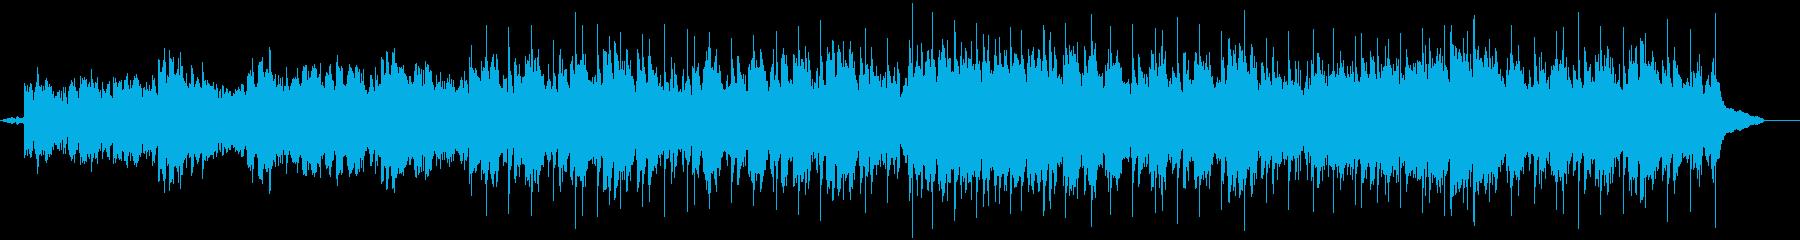 クライマックスをきらびやかに仕上げる曲の再生済みの波形